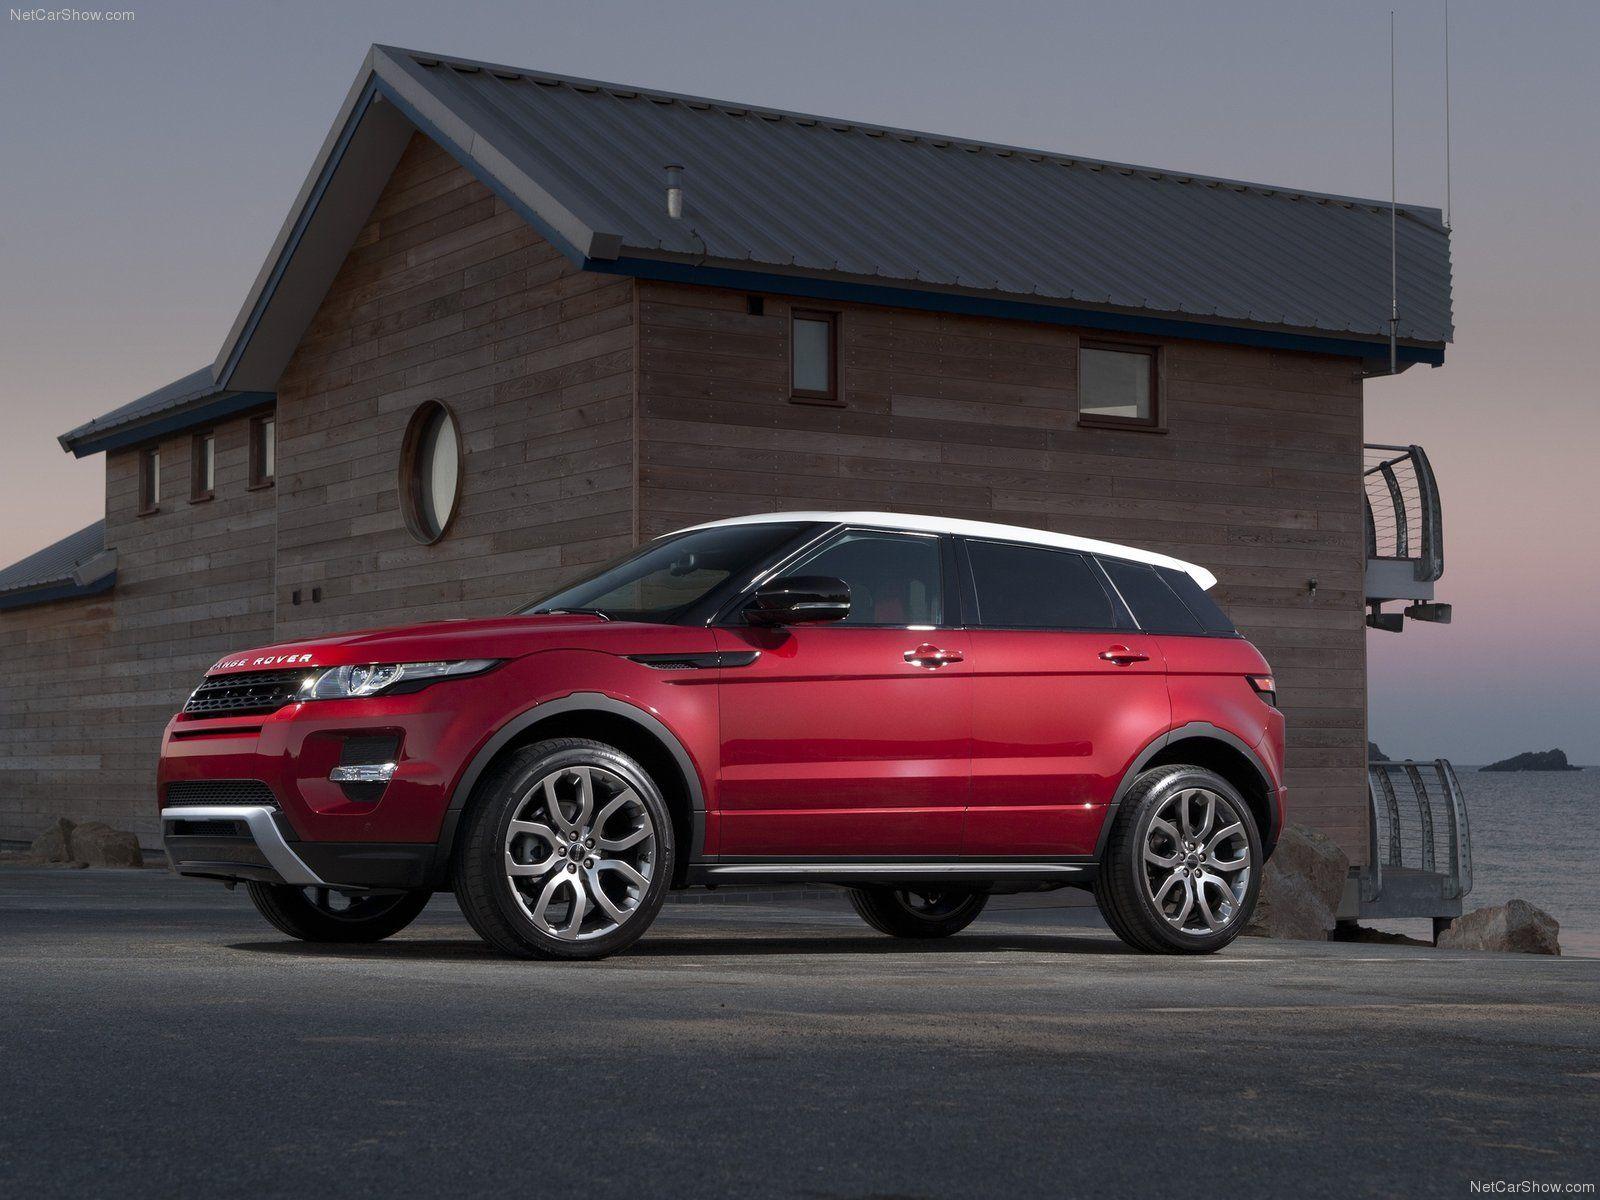 Range Rover Evoque Эвок, Обслуживание автомобиля, Автомобиль